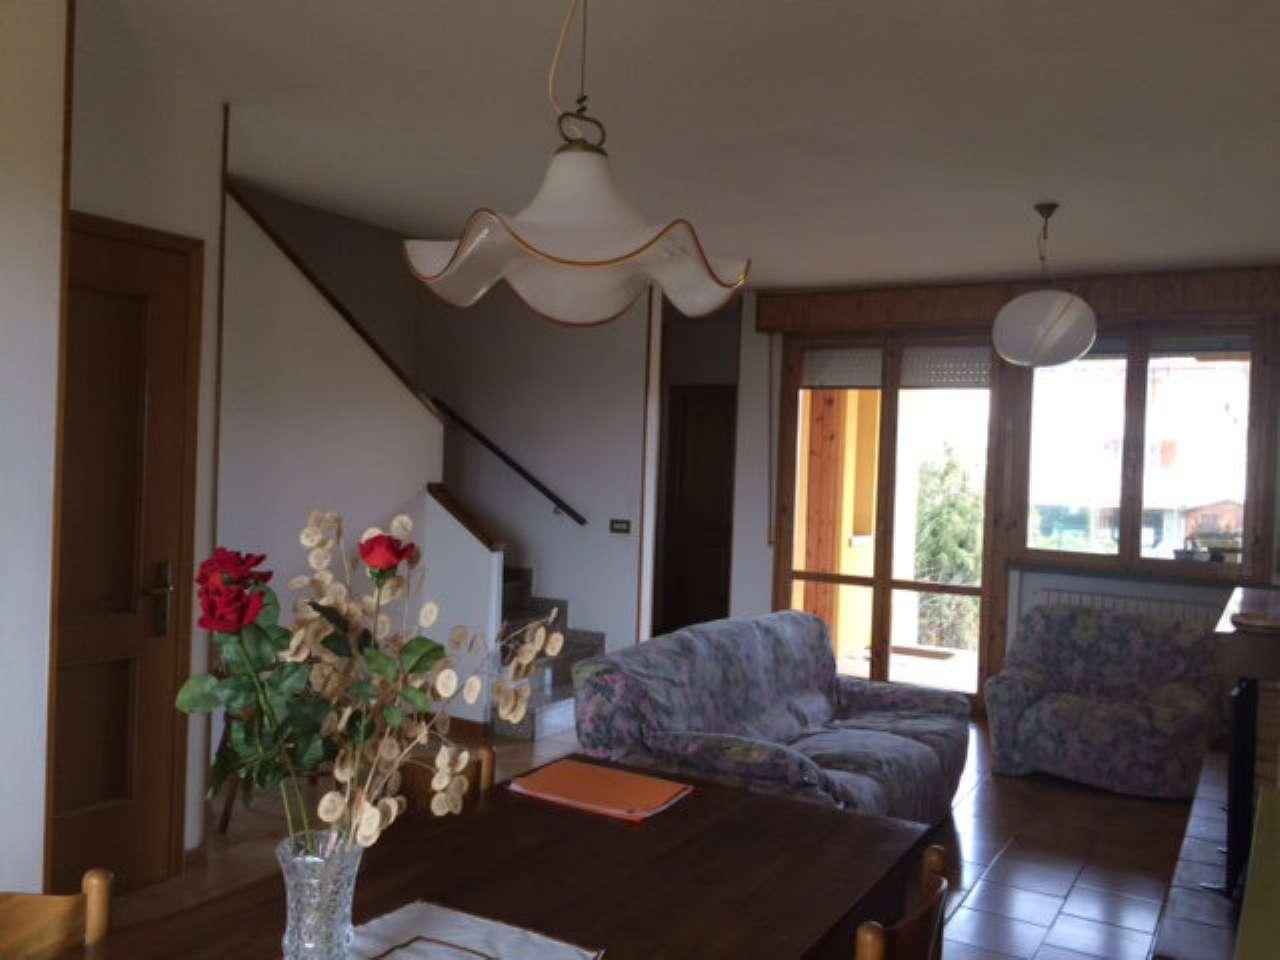 Soluzione Indipendente in vendita a Reggio Emilia, 4 locali, prezzo € 140.000 | Cambio Casa.it